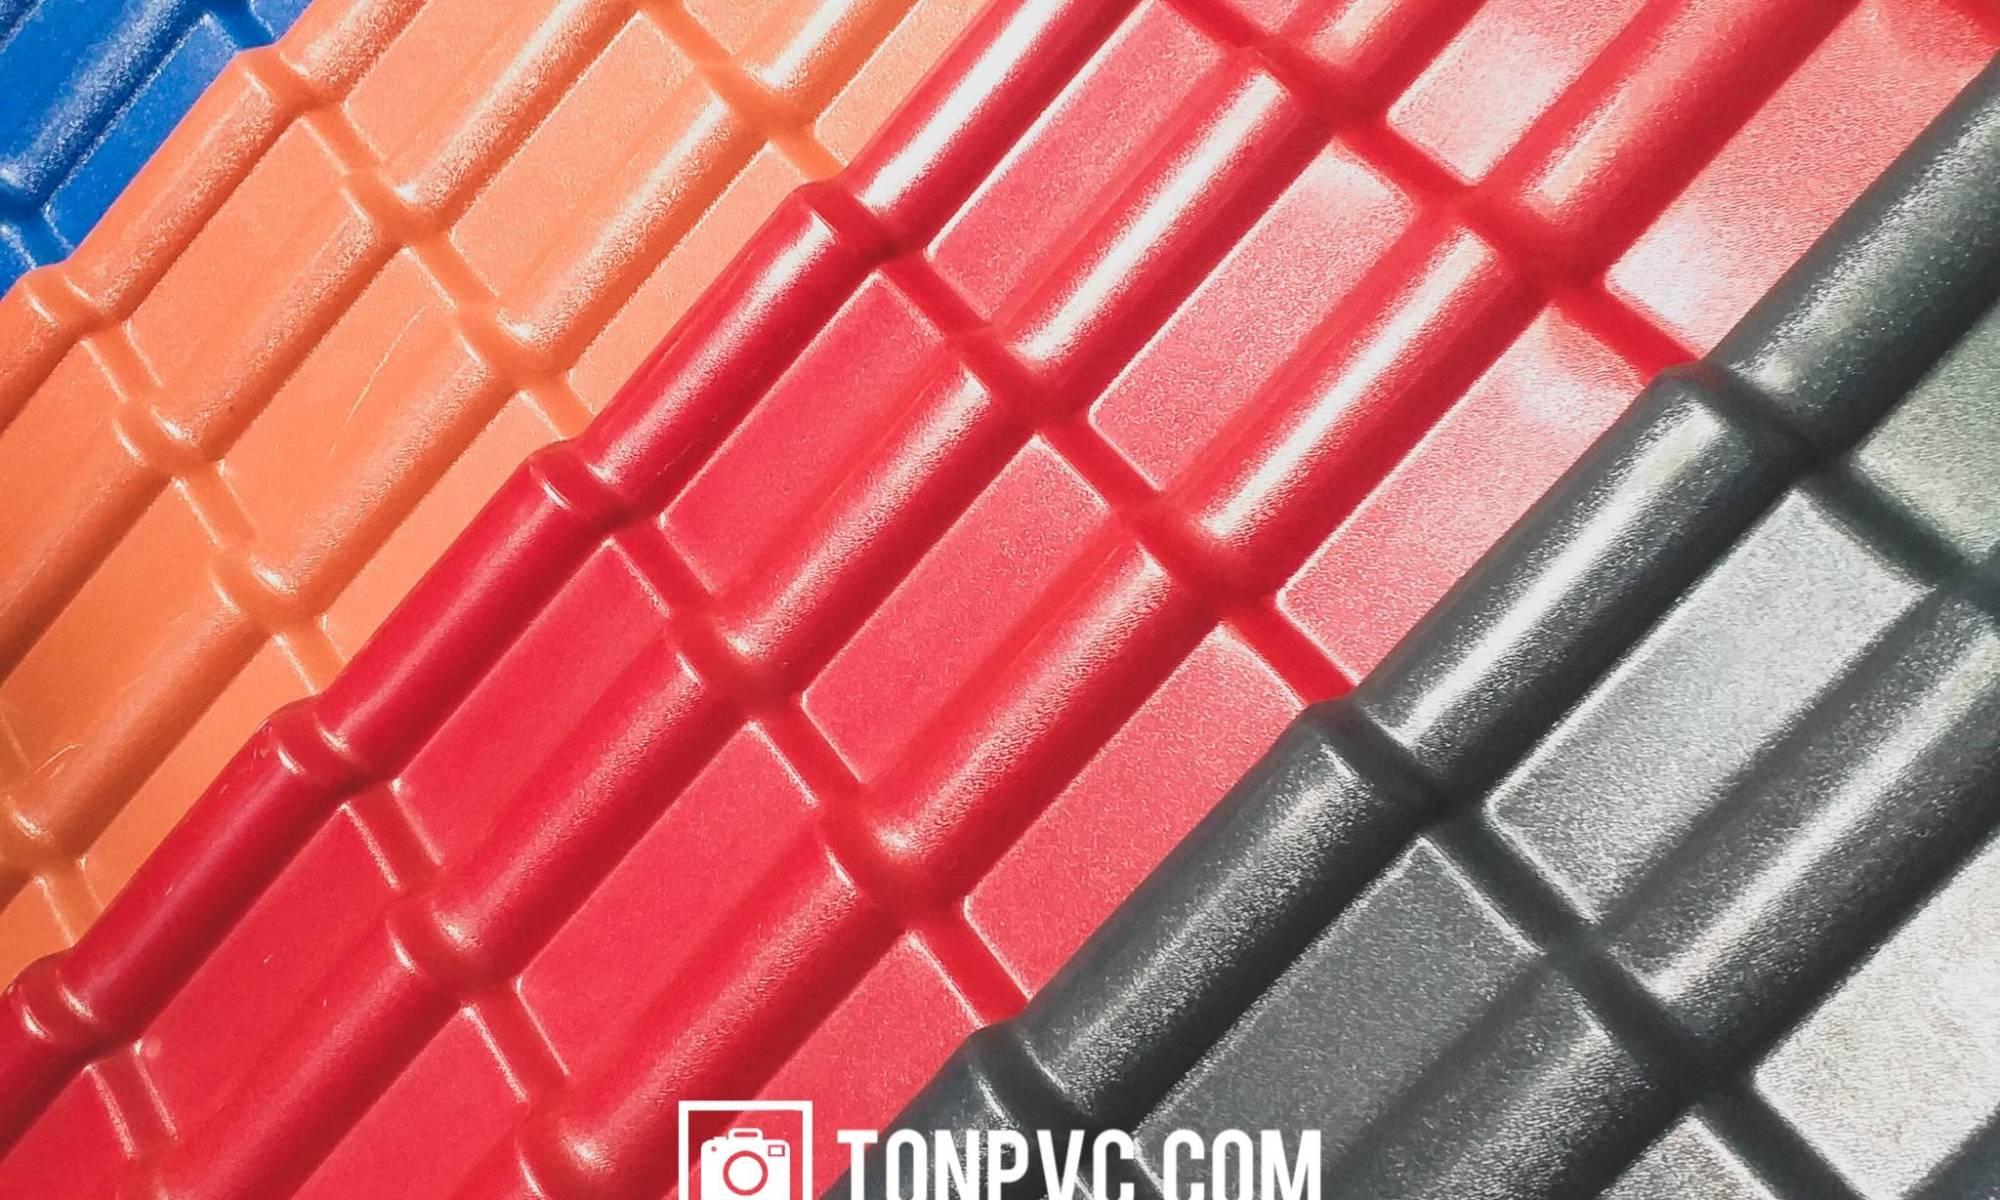 2019-04-08 ngói nhựa asa pvc màu xám đen đỏ đô đỏ ngói xanh dương